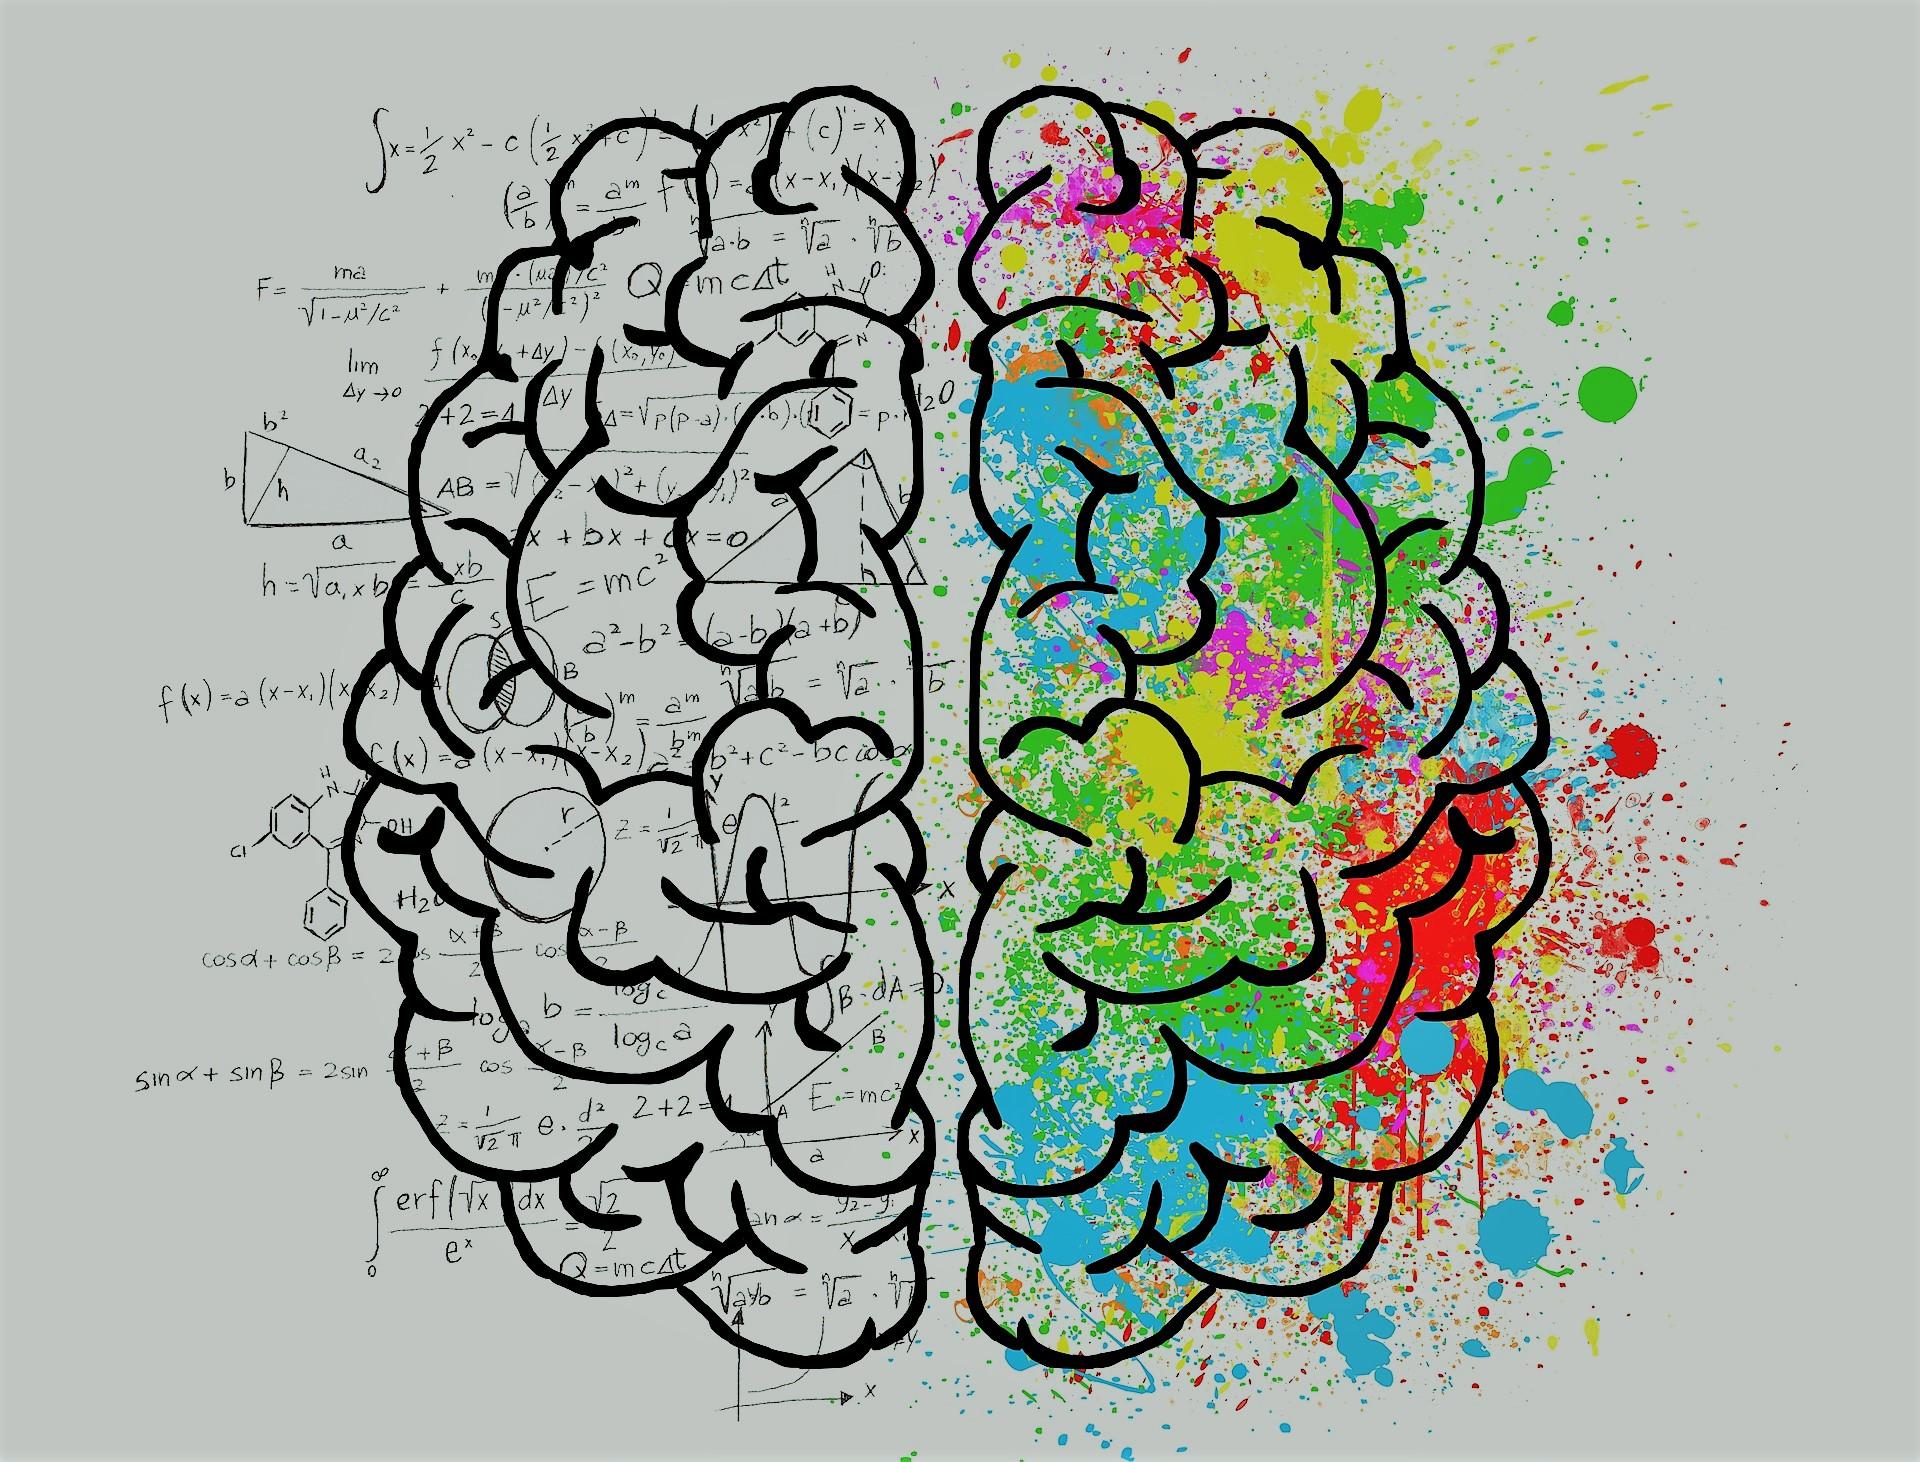 Formules mathématiques et physiques sur tableau blanc avec dessin d'un cerveau coloré